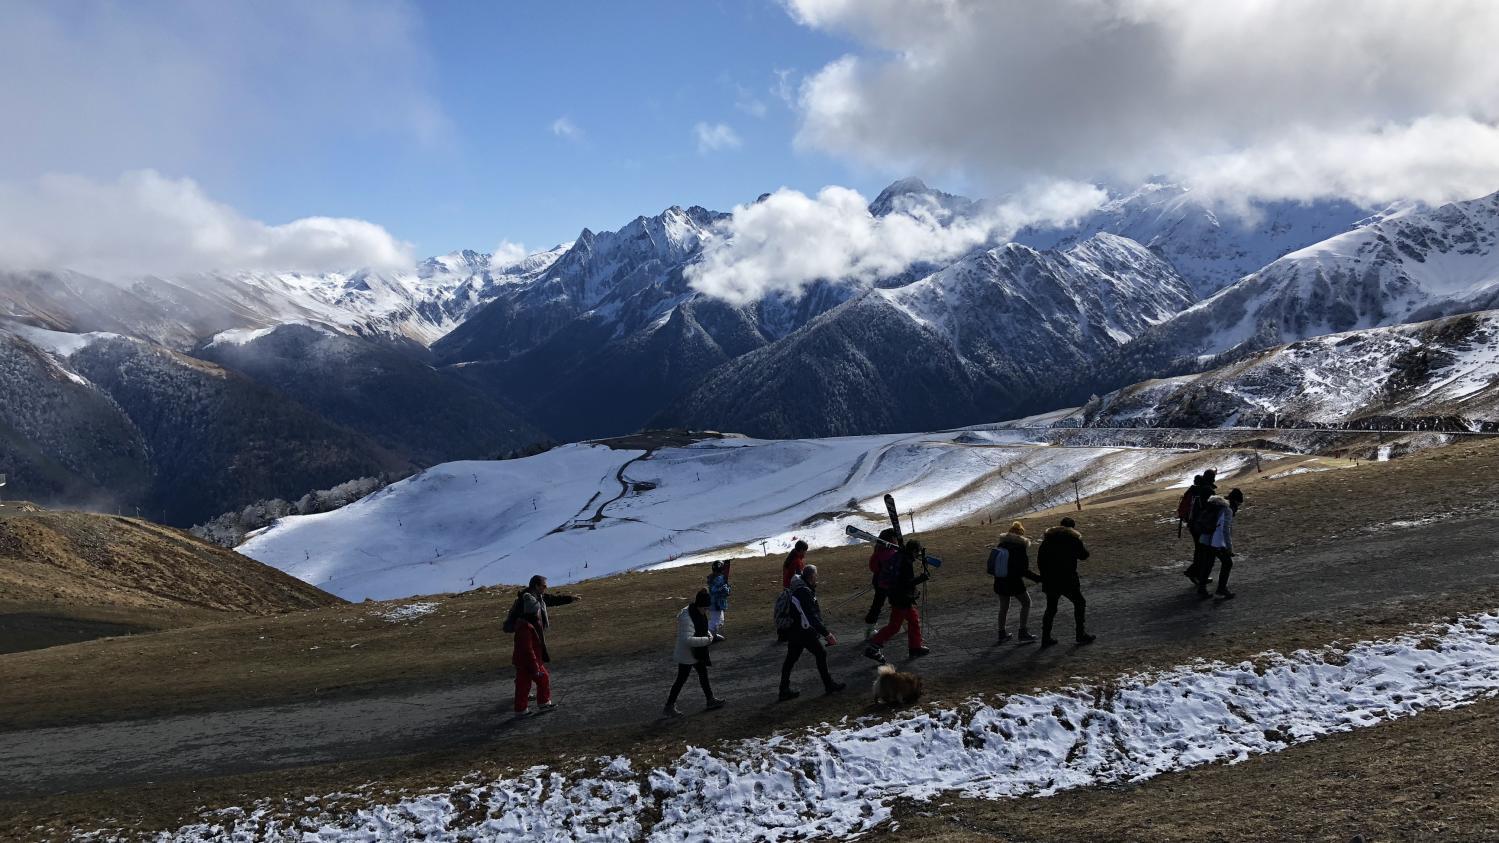 """""""Le bilan carbone de la France ne se joue pas ici"""" : la station de ski de Superbagnères dépassée par la polémique de la neige livrée par hélicoptère"""